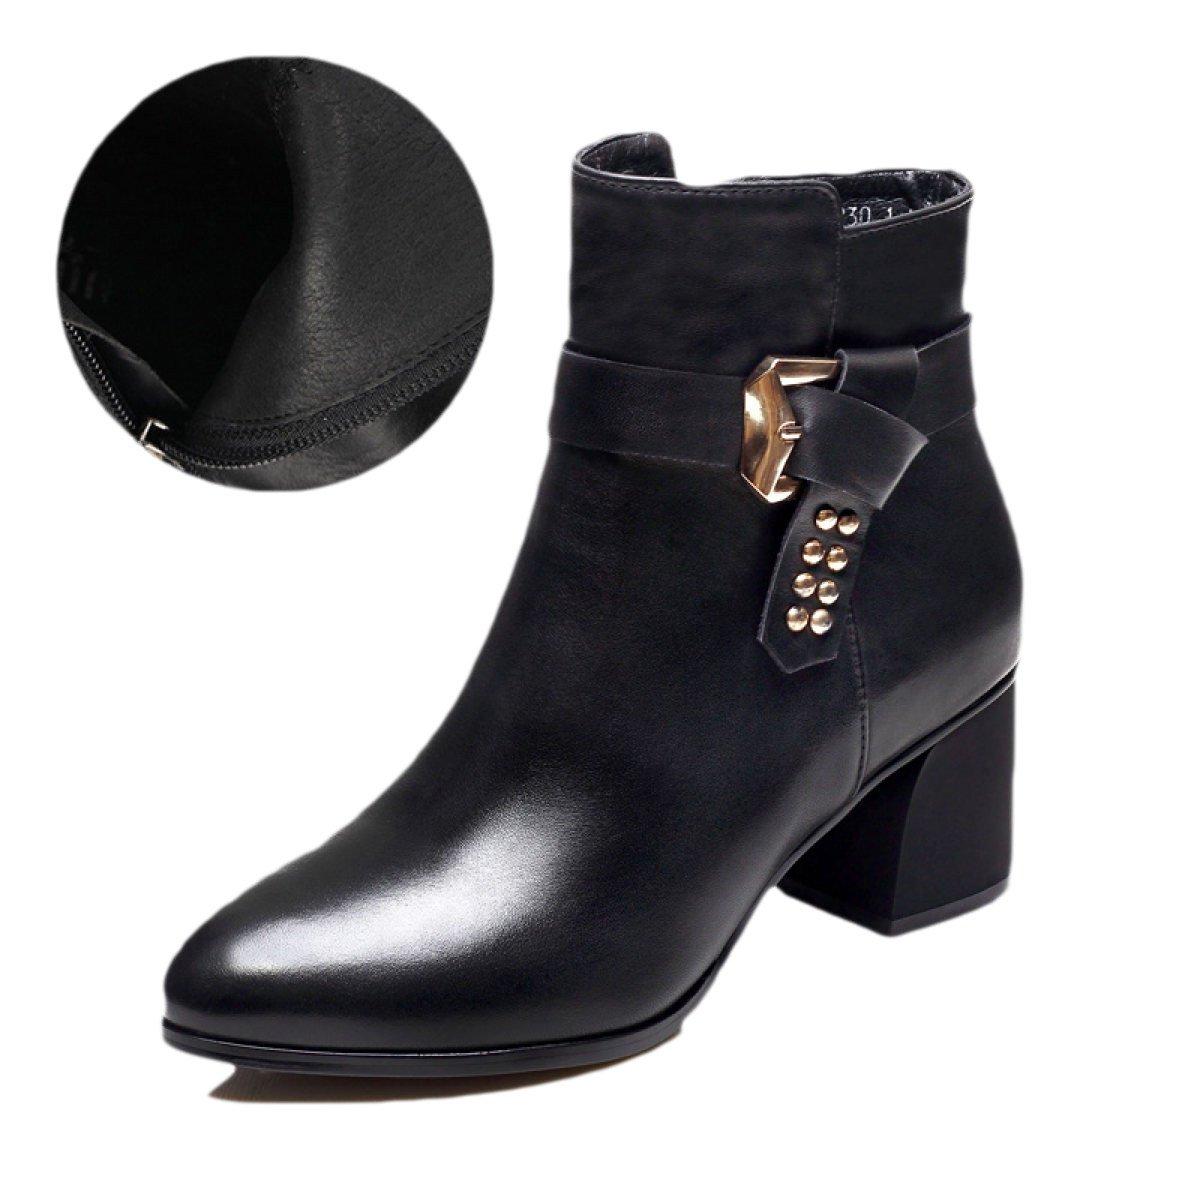 Damenstiefel Herbst Und Winter Leder England Spitz Martin Stiefel Plus Kaschmir Absatz Schuhe Stiefel